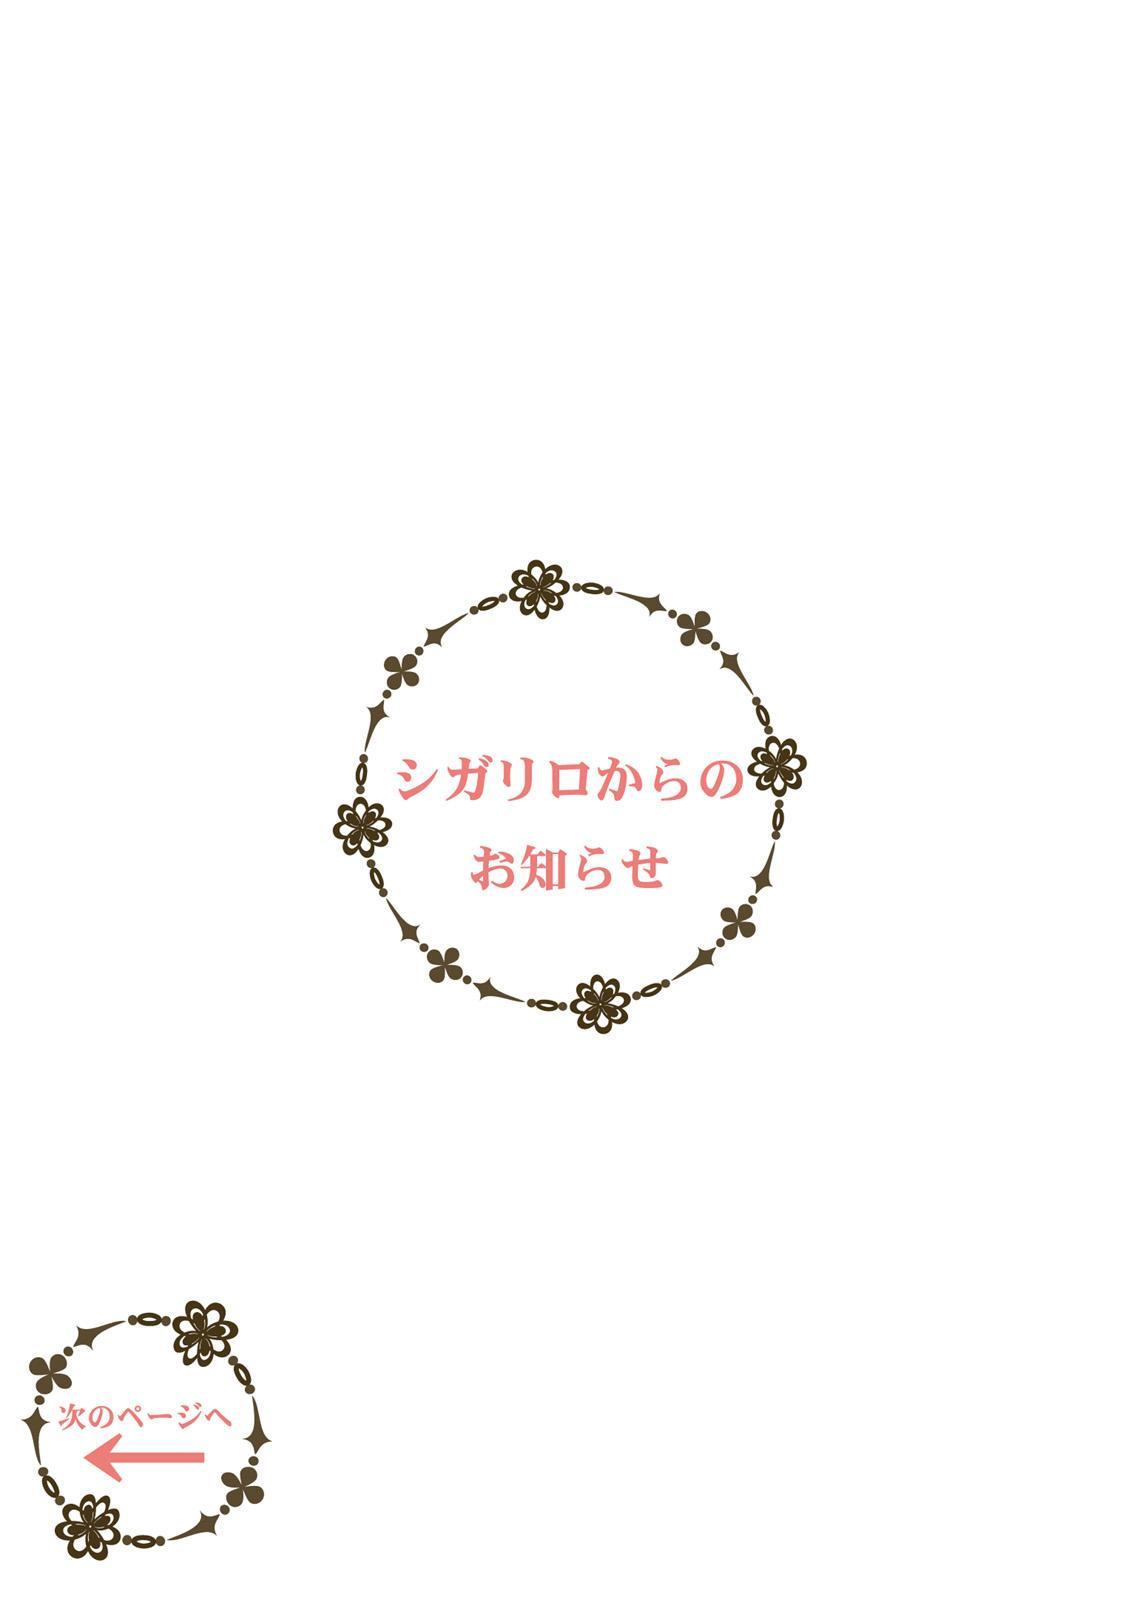 Uriotoko ni Kaiotoko 153